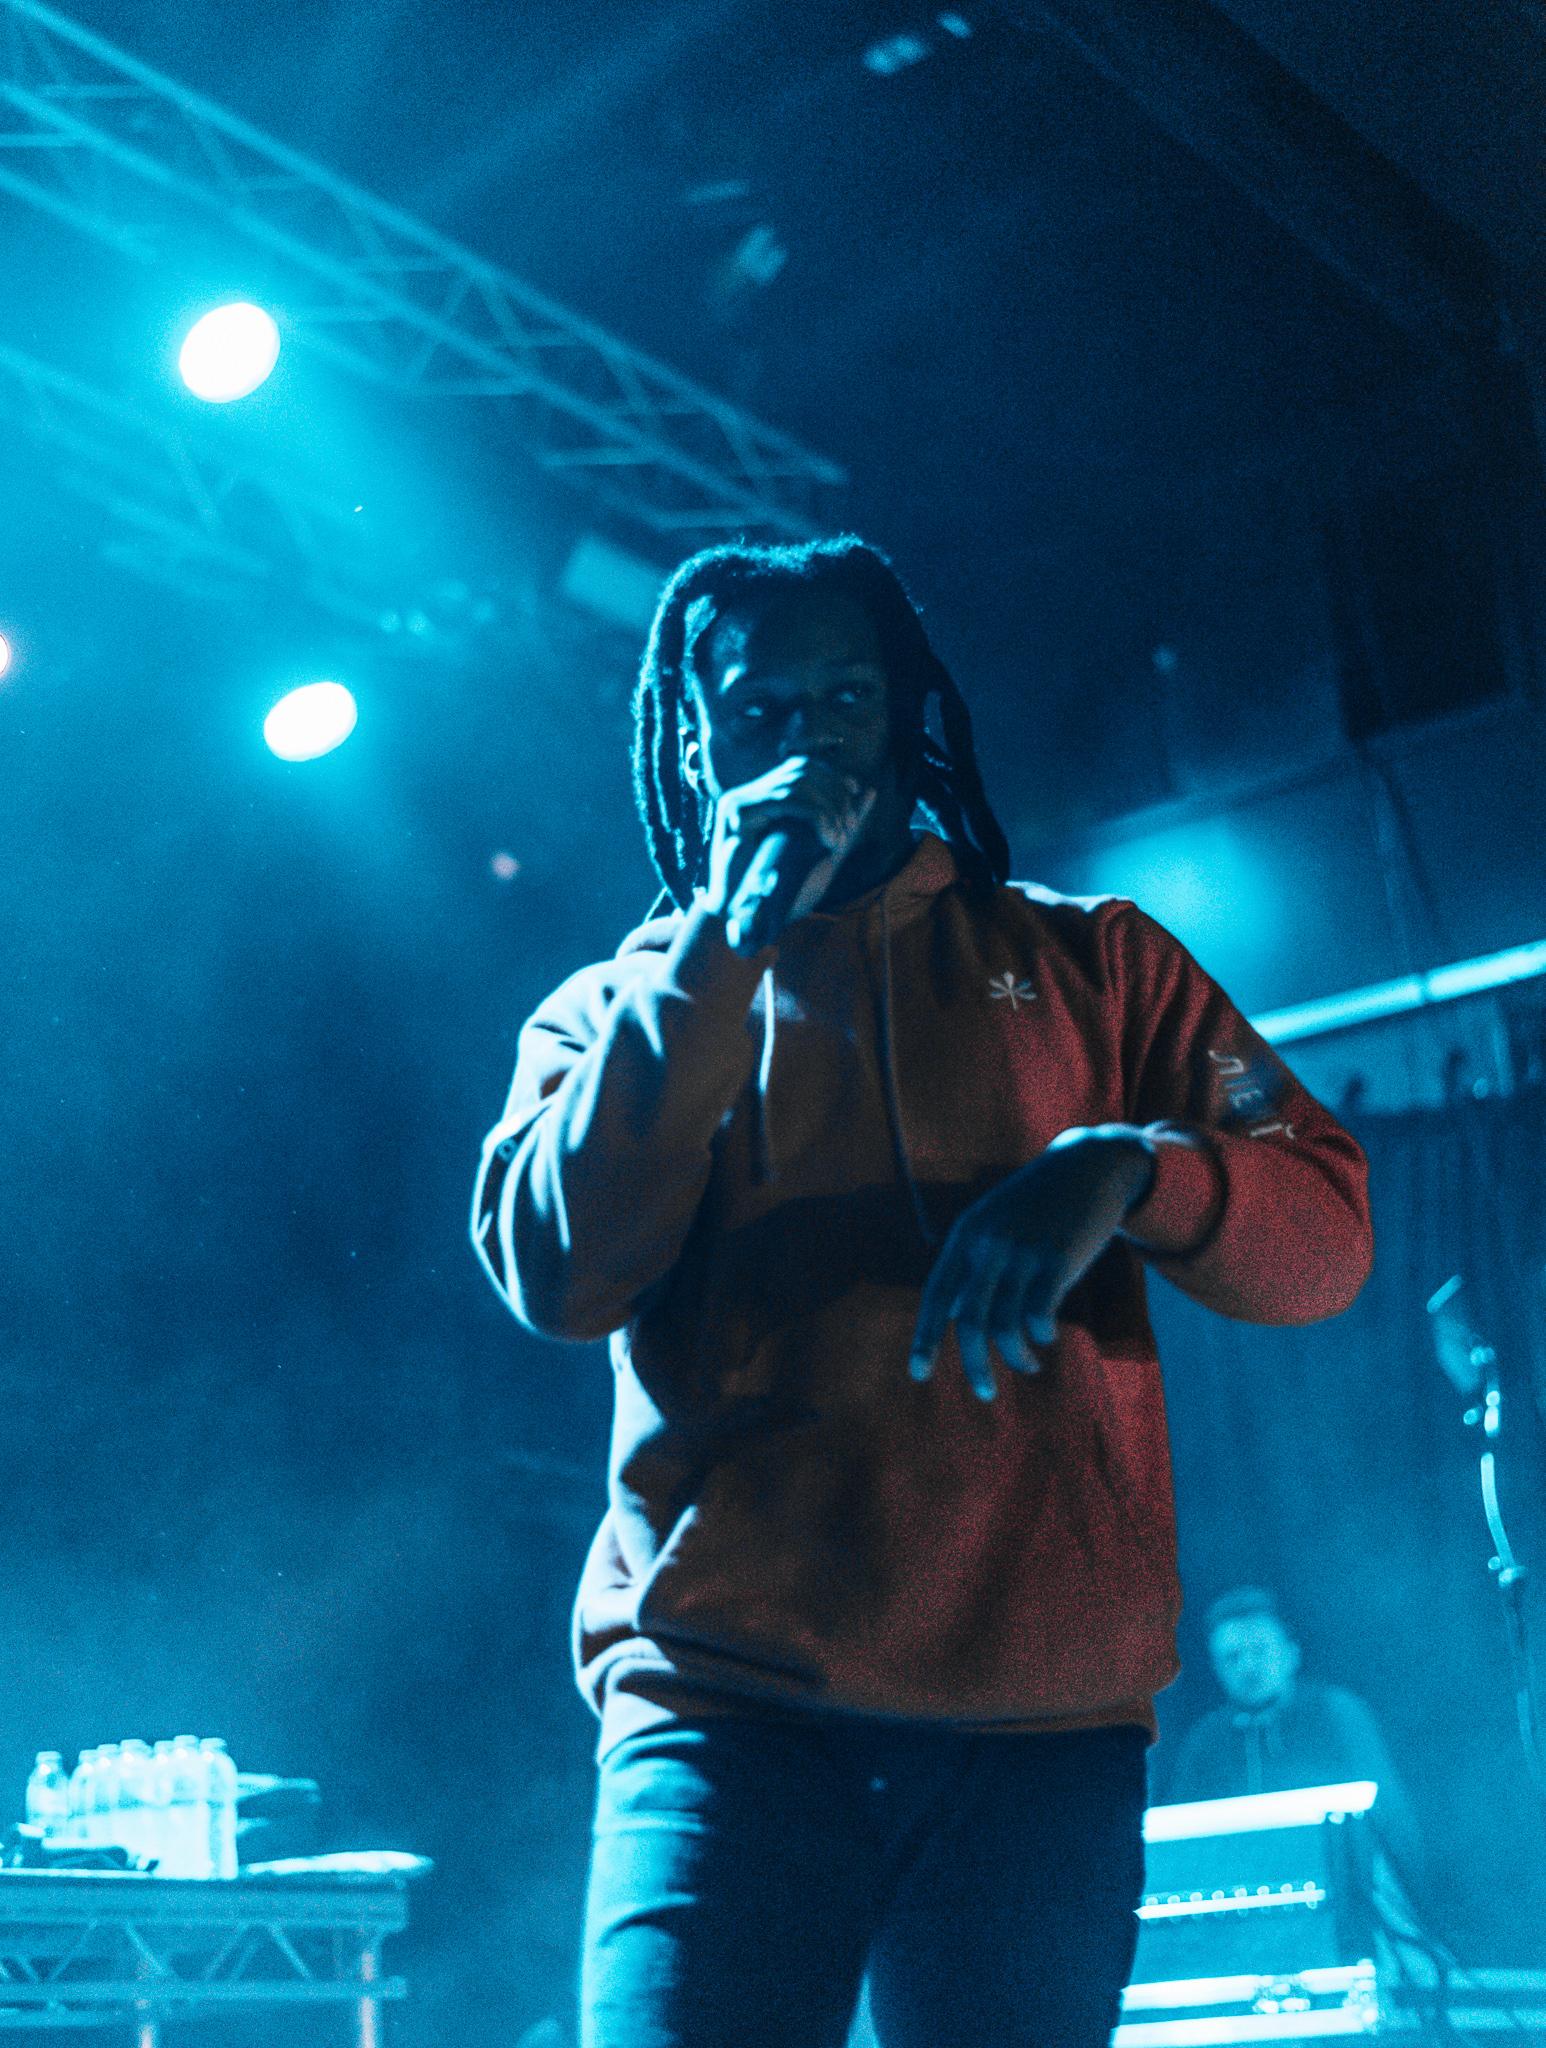 Denzel Curry – IDK // Manchester,UK 12.12.18